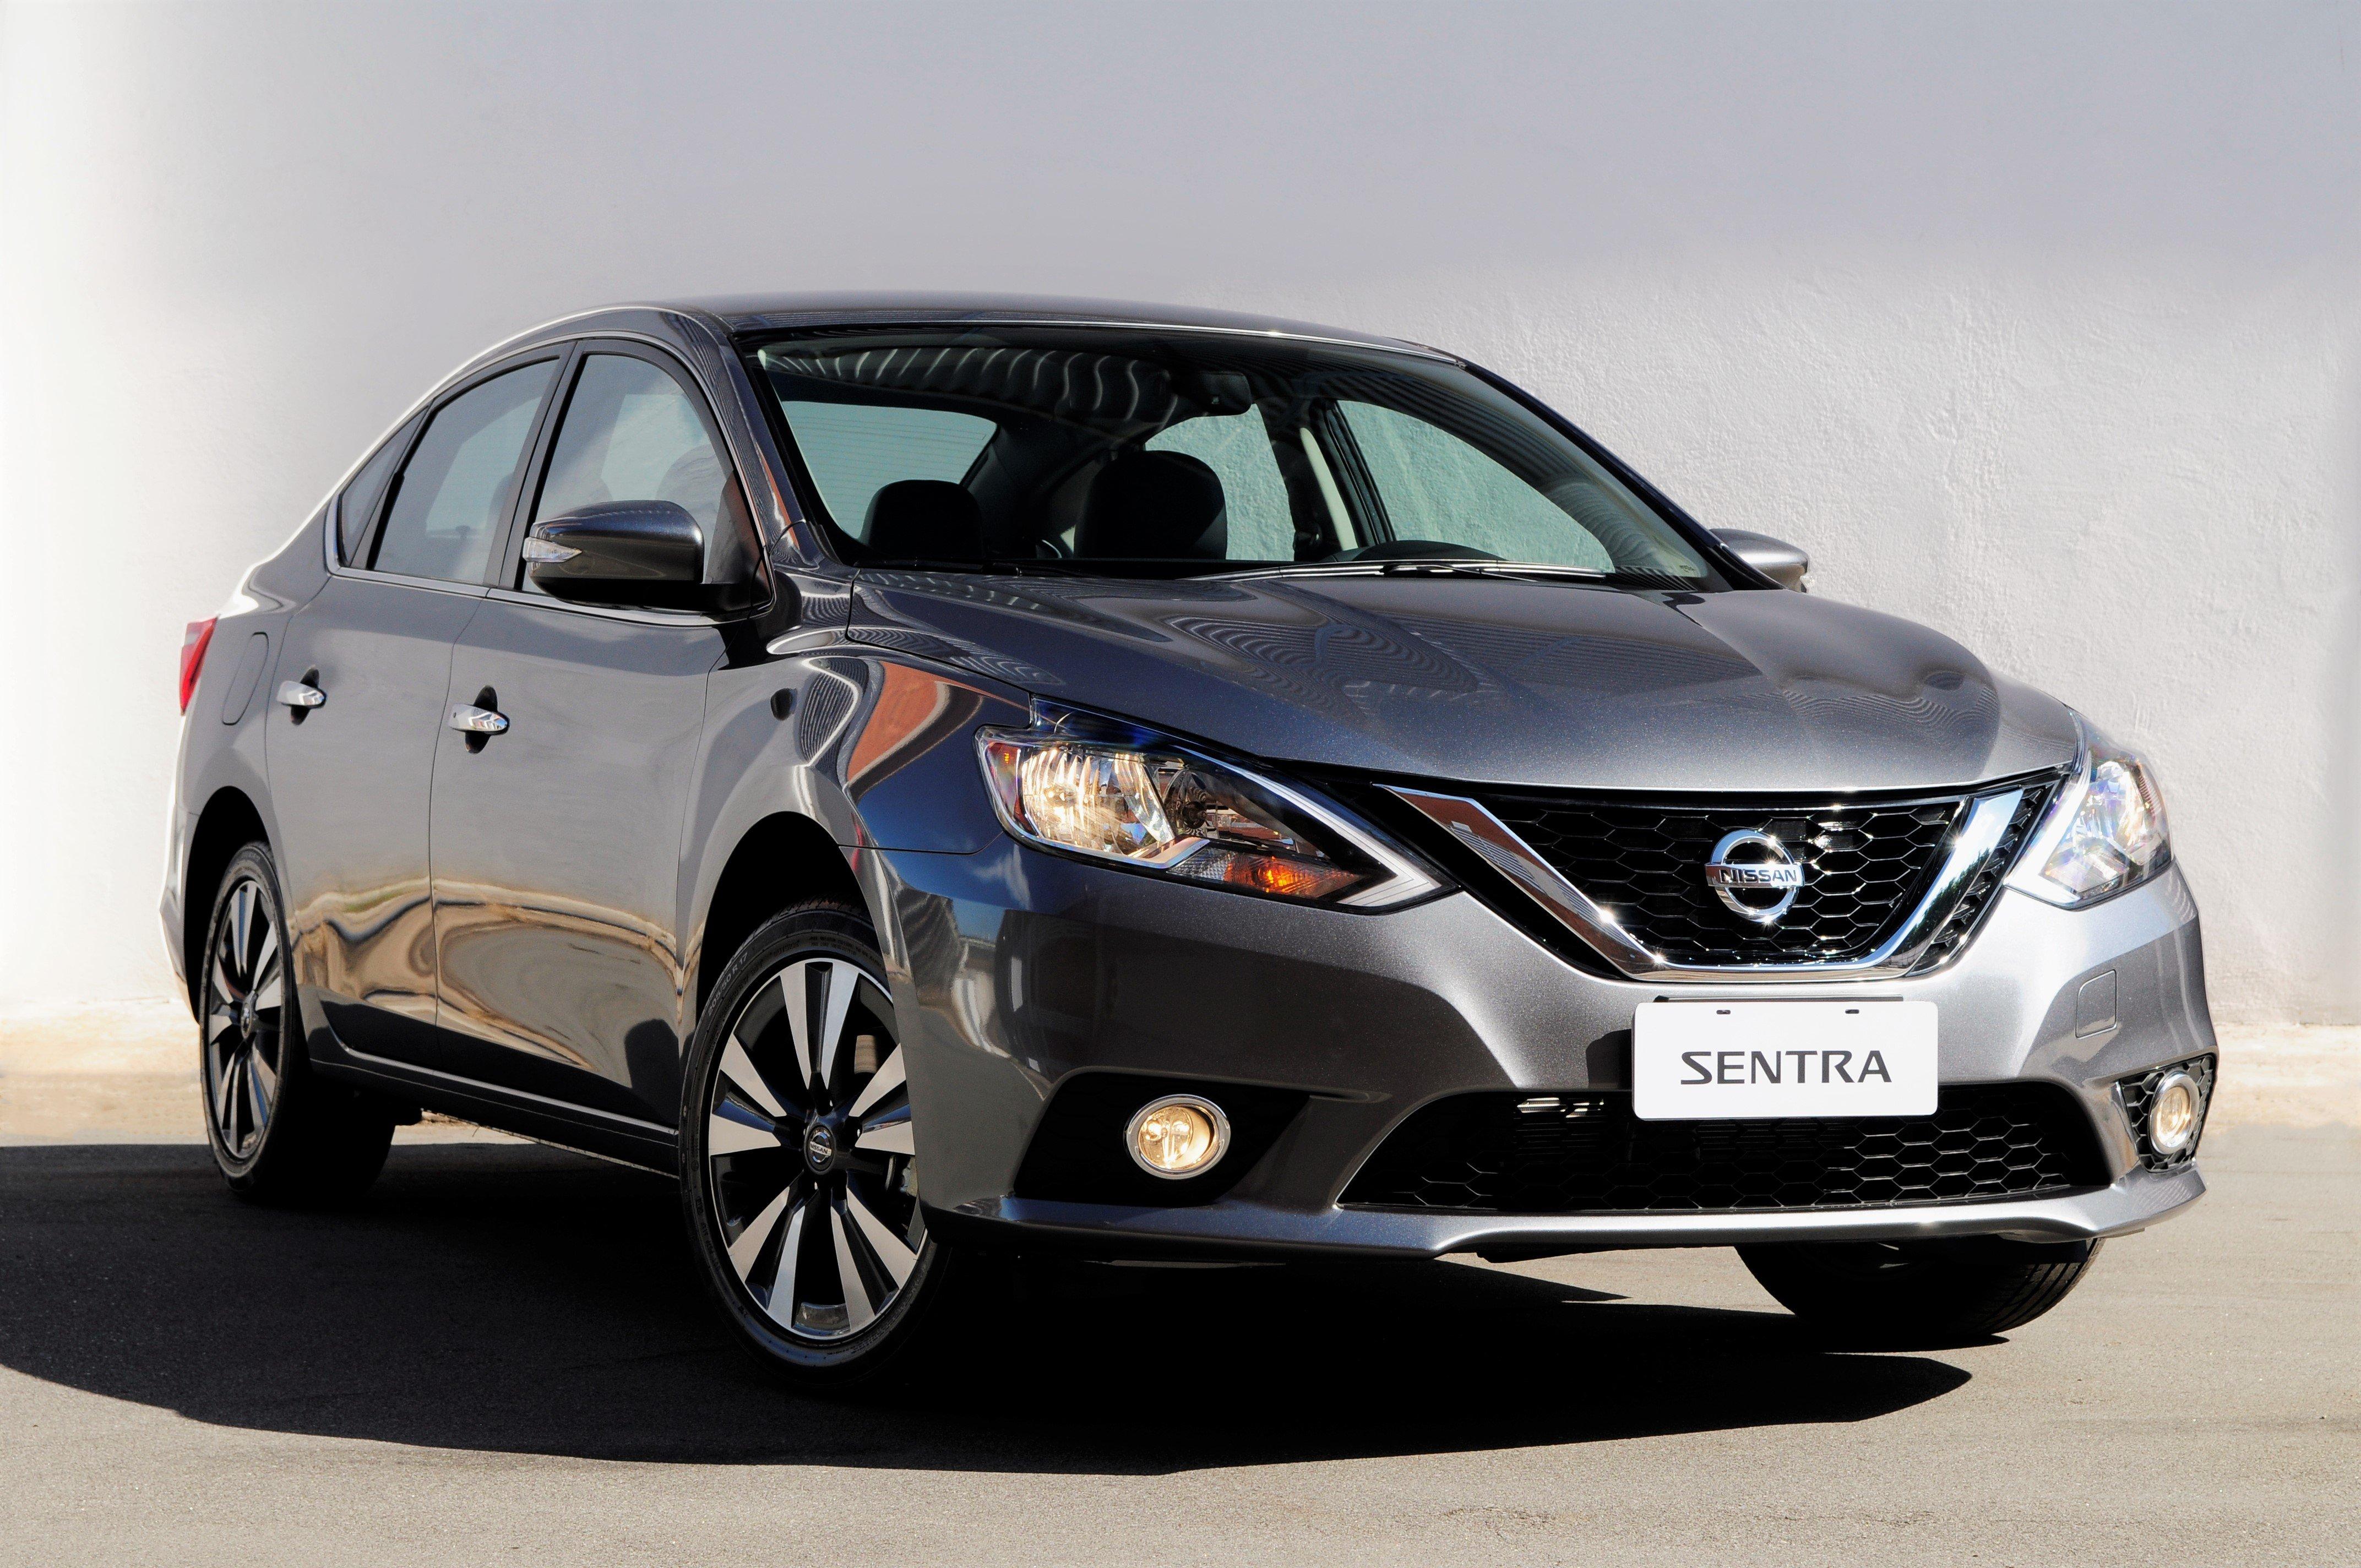 Garanta seu Nissan Sentra 2.0 SV 2019 com taxa 0% ou entrada + parcelas de apenas R$ 649!